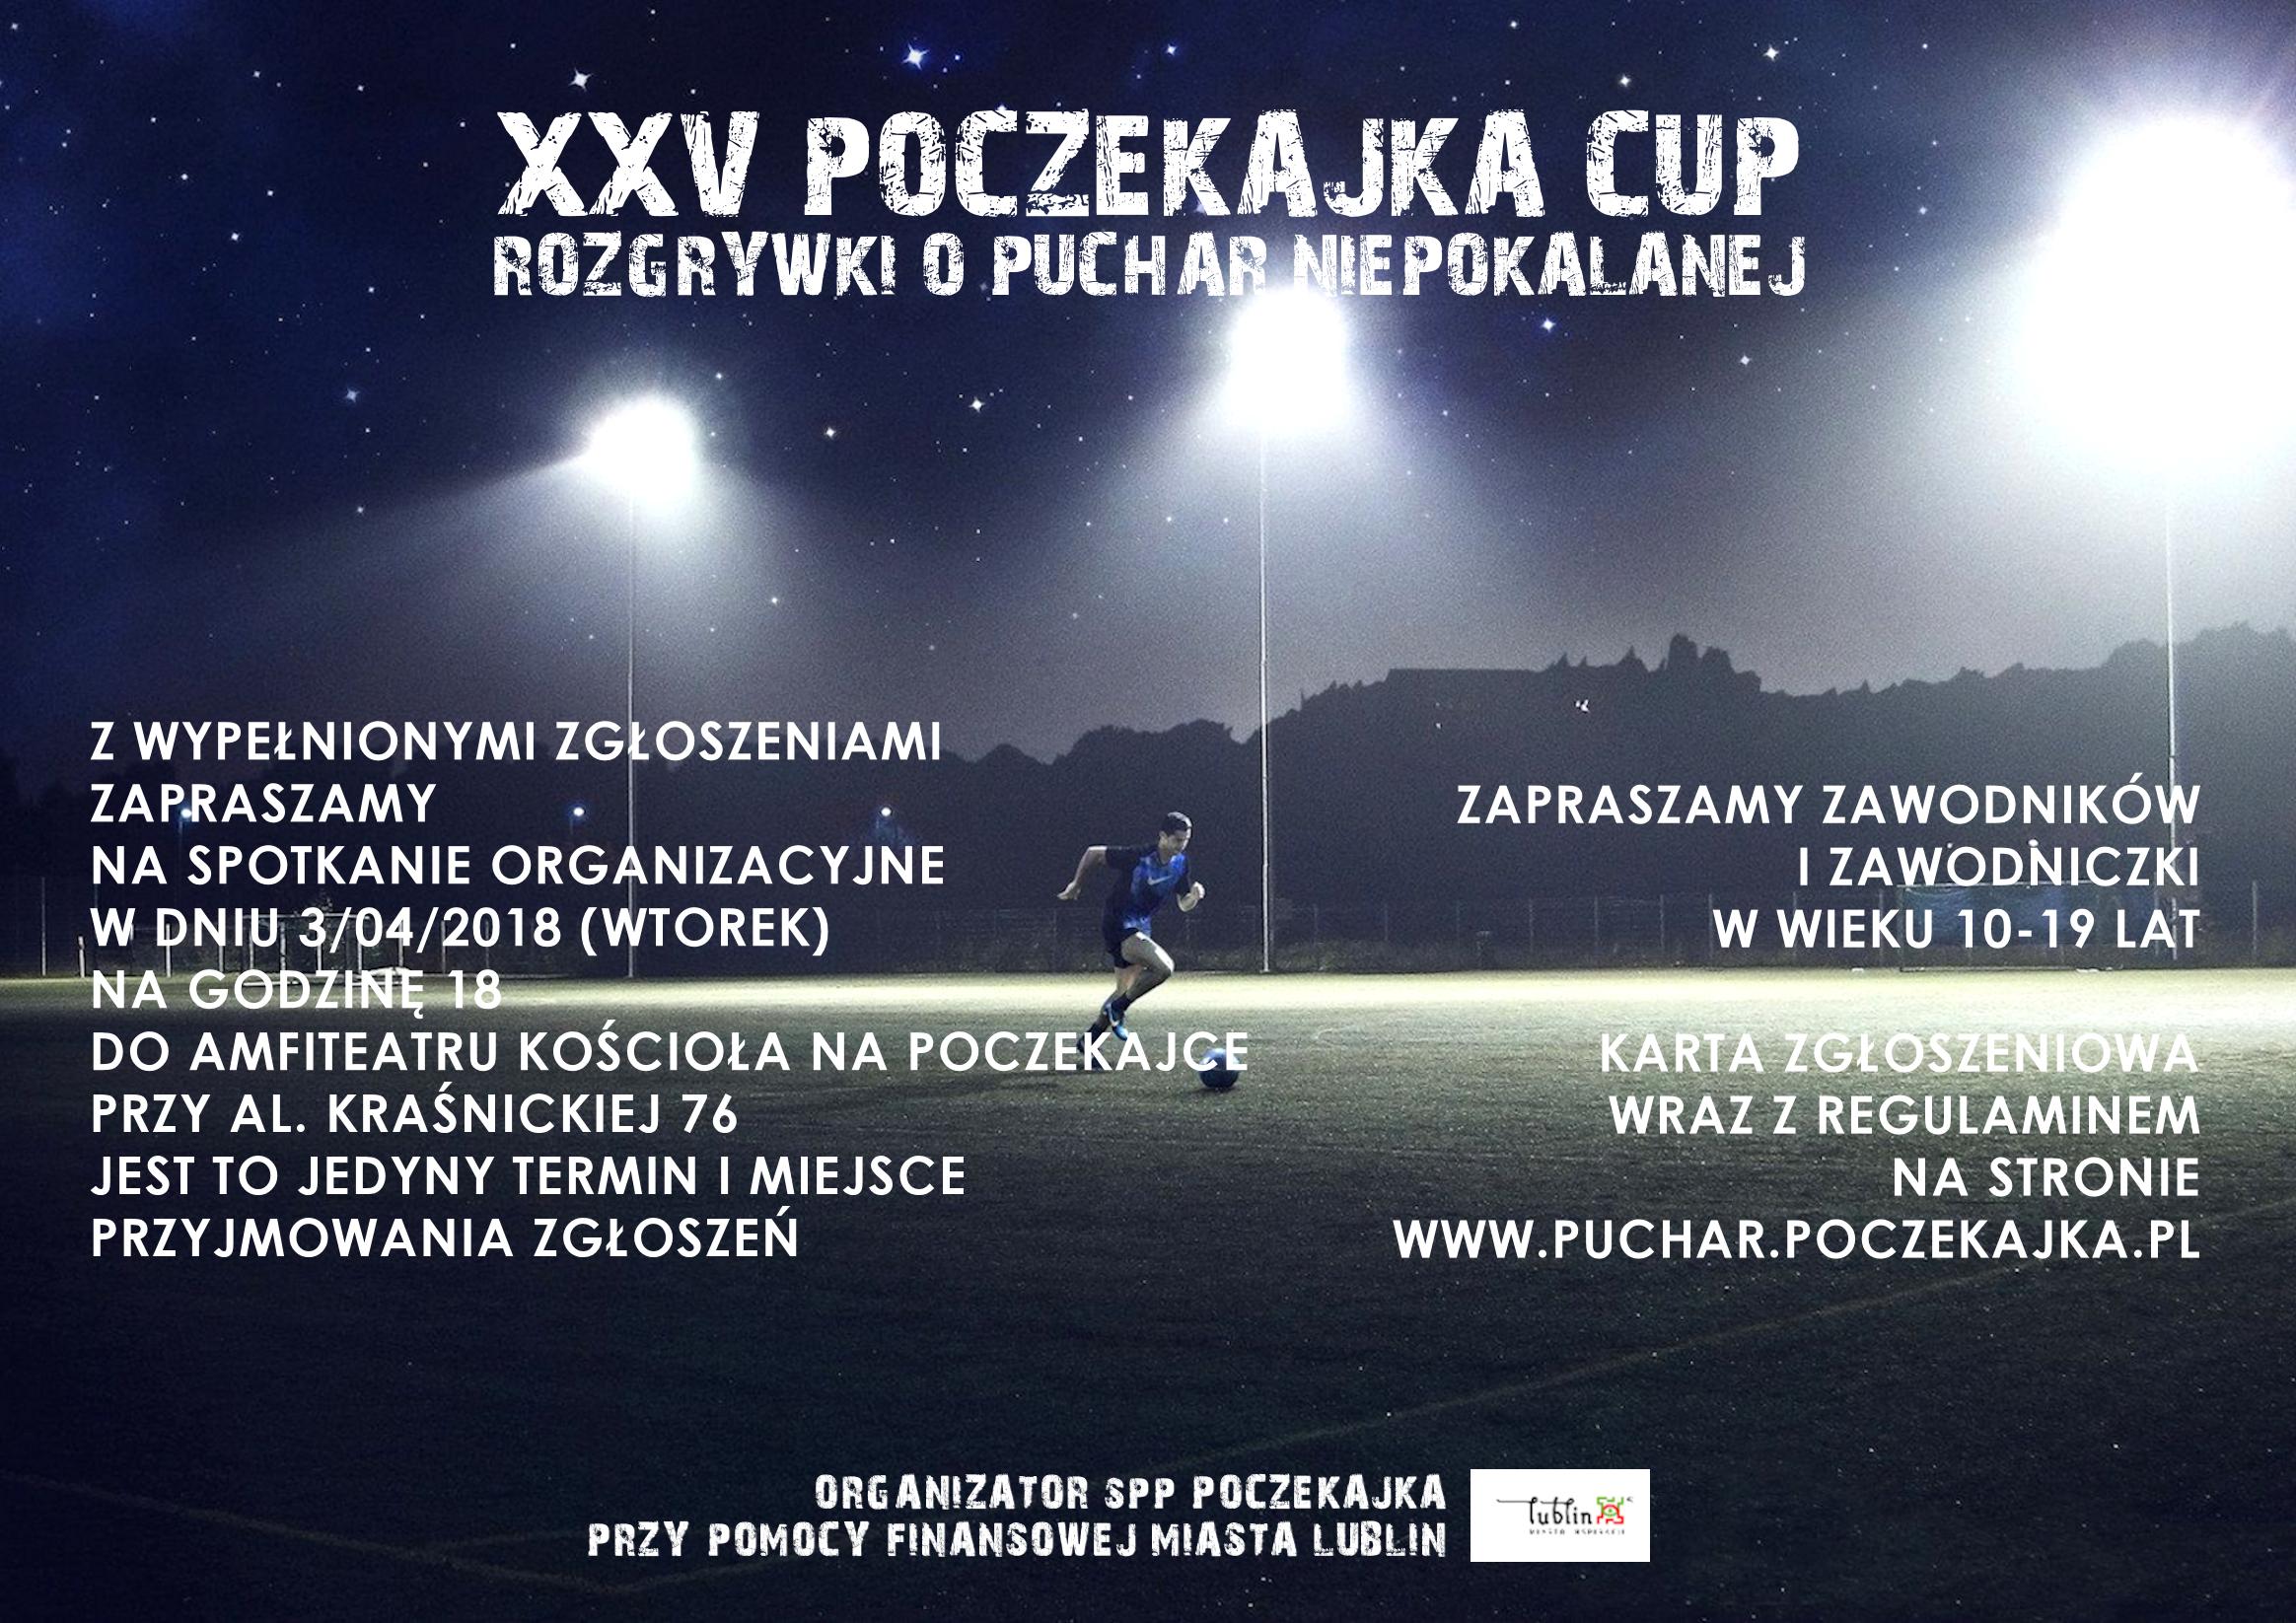 Zapraszamy do udziału w XXV Rozgrywkach o Puchar Niepokalanej Poczekajka Cup 2018